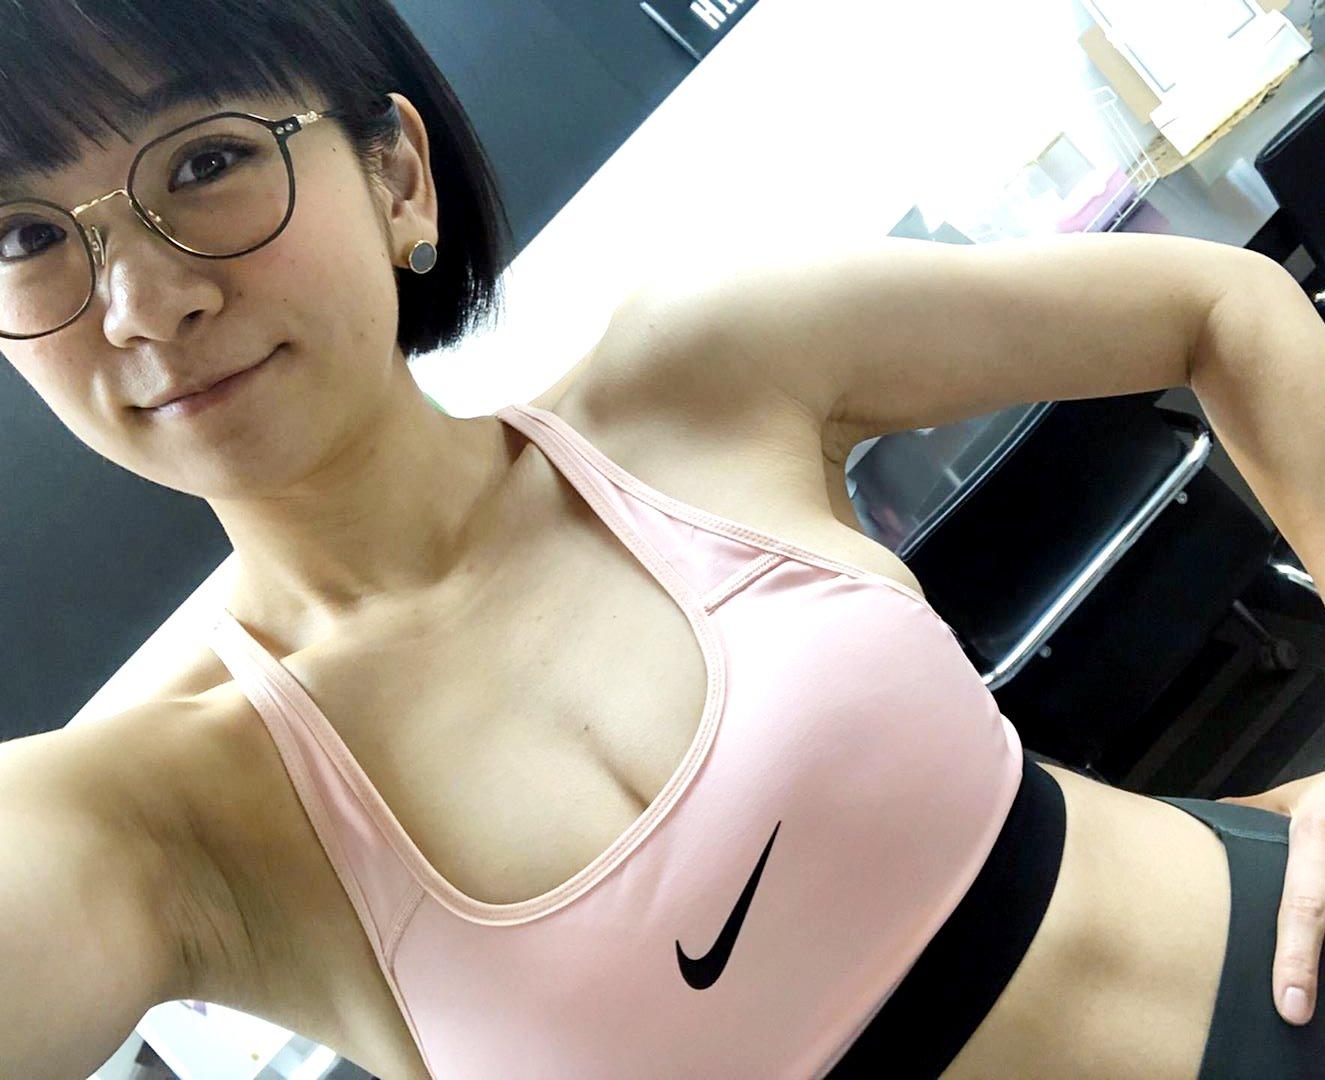 時東ぁみのジム腋 (6)